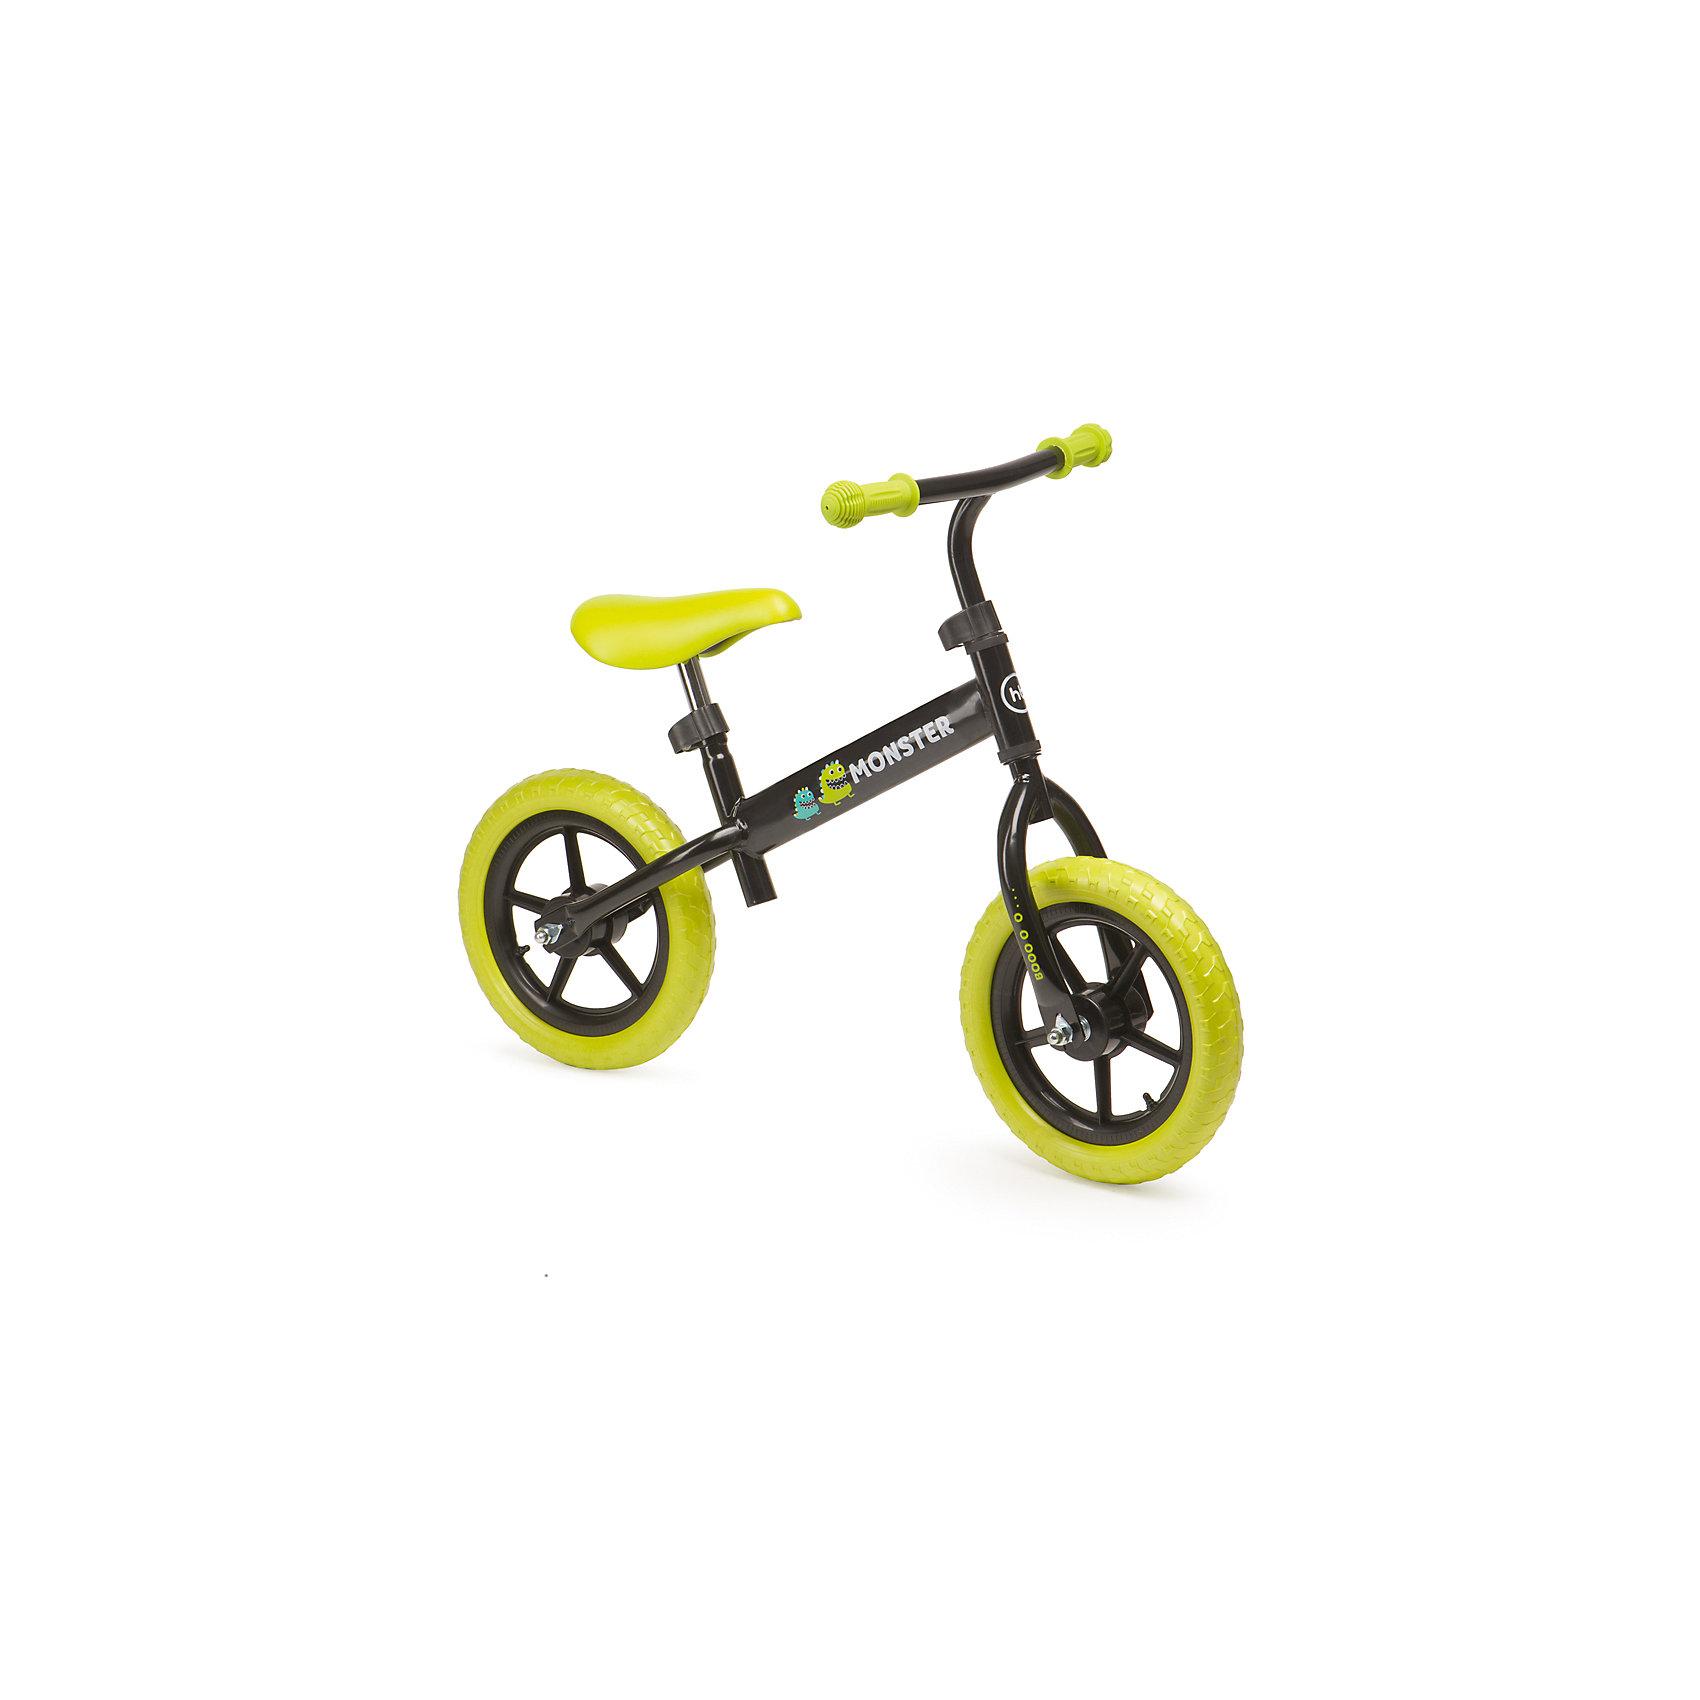 Беговел MOBYX, зеленый, Happy BabyБеговелы<br>Характеристики товара:<br><br>• возраст от 2 лет<br>• максимальная нагрузка до 27 кг<br>• рост ребенка 95-125 см<br>• цвет зеленый<br>• материал: сталь, пластик, полиуретан, резина<br>• удобное эргономичное сиденье<br>• бесшумные колёса<br>• стальная рама<br>• колёса: полимерные колеса с имитацией ниппелей<br>• высота сидения 42-54 см<br>• высота руля 56-68 см<br>• длина беговела 82 см<br>• вес беговела 3 кг<br>• размер упаковки 68х36х17 см<br>• вес упаковки 3,69 кг<br>• страна производитель: Китай<br><br>Беговел «MOBYX», зеленый, Happy Baby представляет собой велосипед, но без педалей. На нем ребенок учится кататься, отталкиваясь ножками. В процессе катания ребенок учится сохранять равновесие и координировать движения. <br><br>Беговел изготовлен из прочной стали. Сидение и руль регулируются под рост ребенка. Колеса обеспечивают бесшумную плавную езду.<br><br>Беговел «MOBYX», зеленый, Happy Baby можно приобрести в нашем интернет-магазине.<br><br>Ширина мм: 680<br>Глубина мм: 360<br>Высота мм: 170<br>Вес г: 3690<br>Возраст от месяцев: 12<br>Возраст до месяцев: 36<br>Пол: Унисекс<br>Возраст: Детский<br>SKU: 5527343